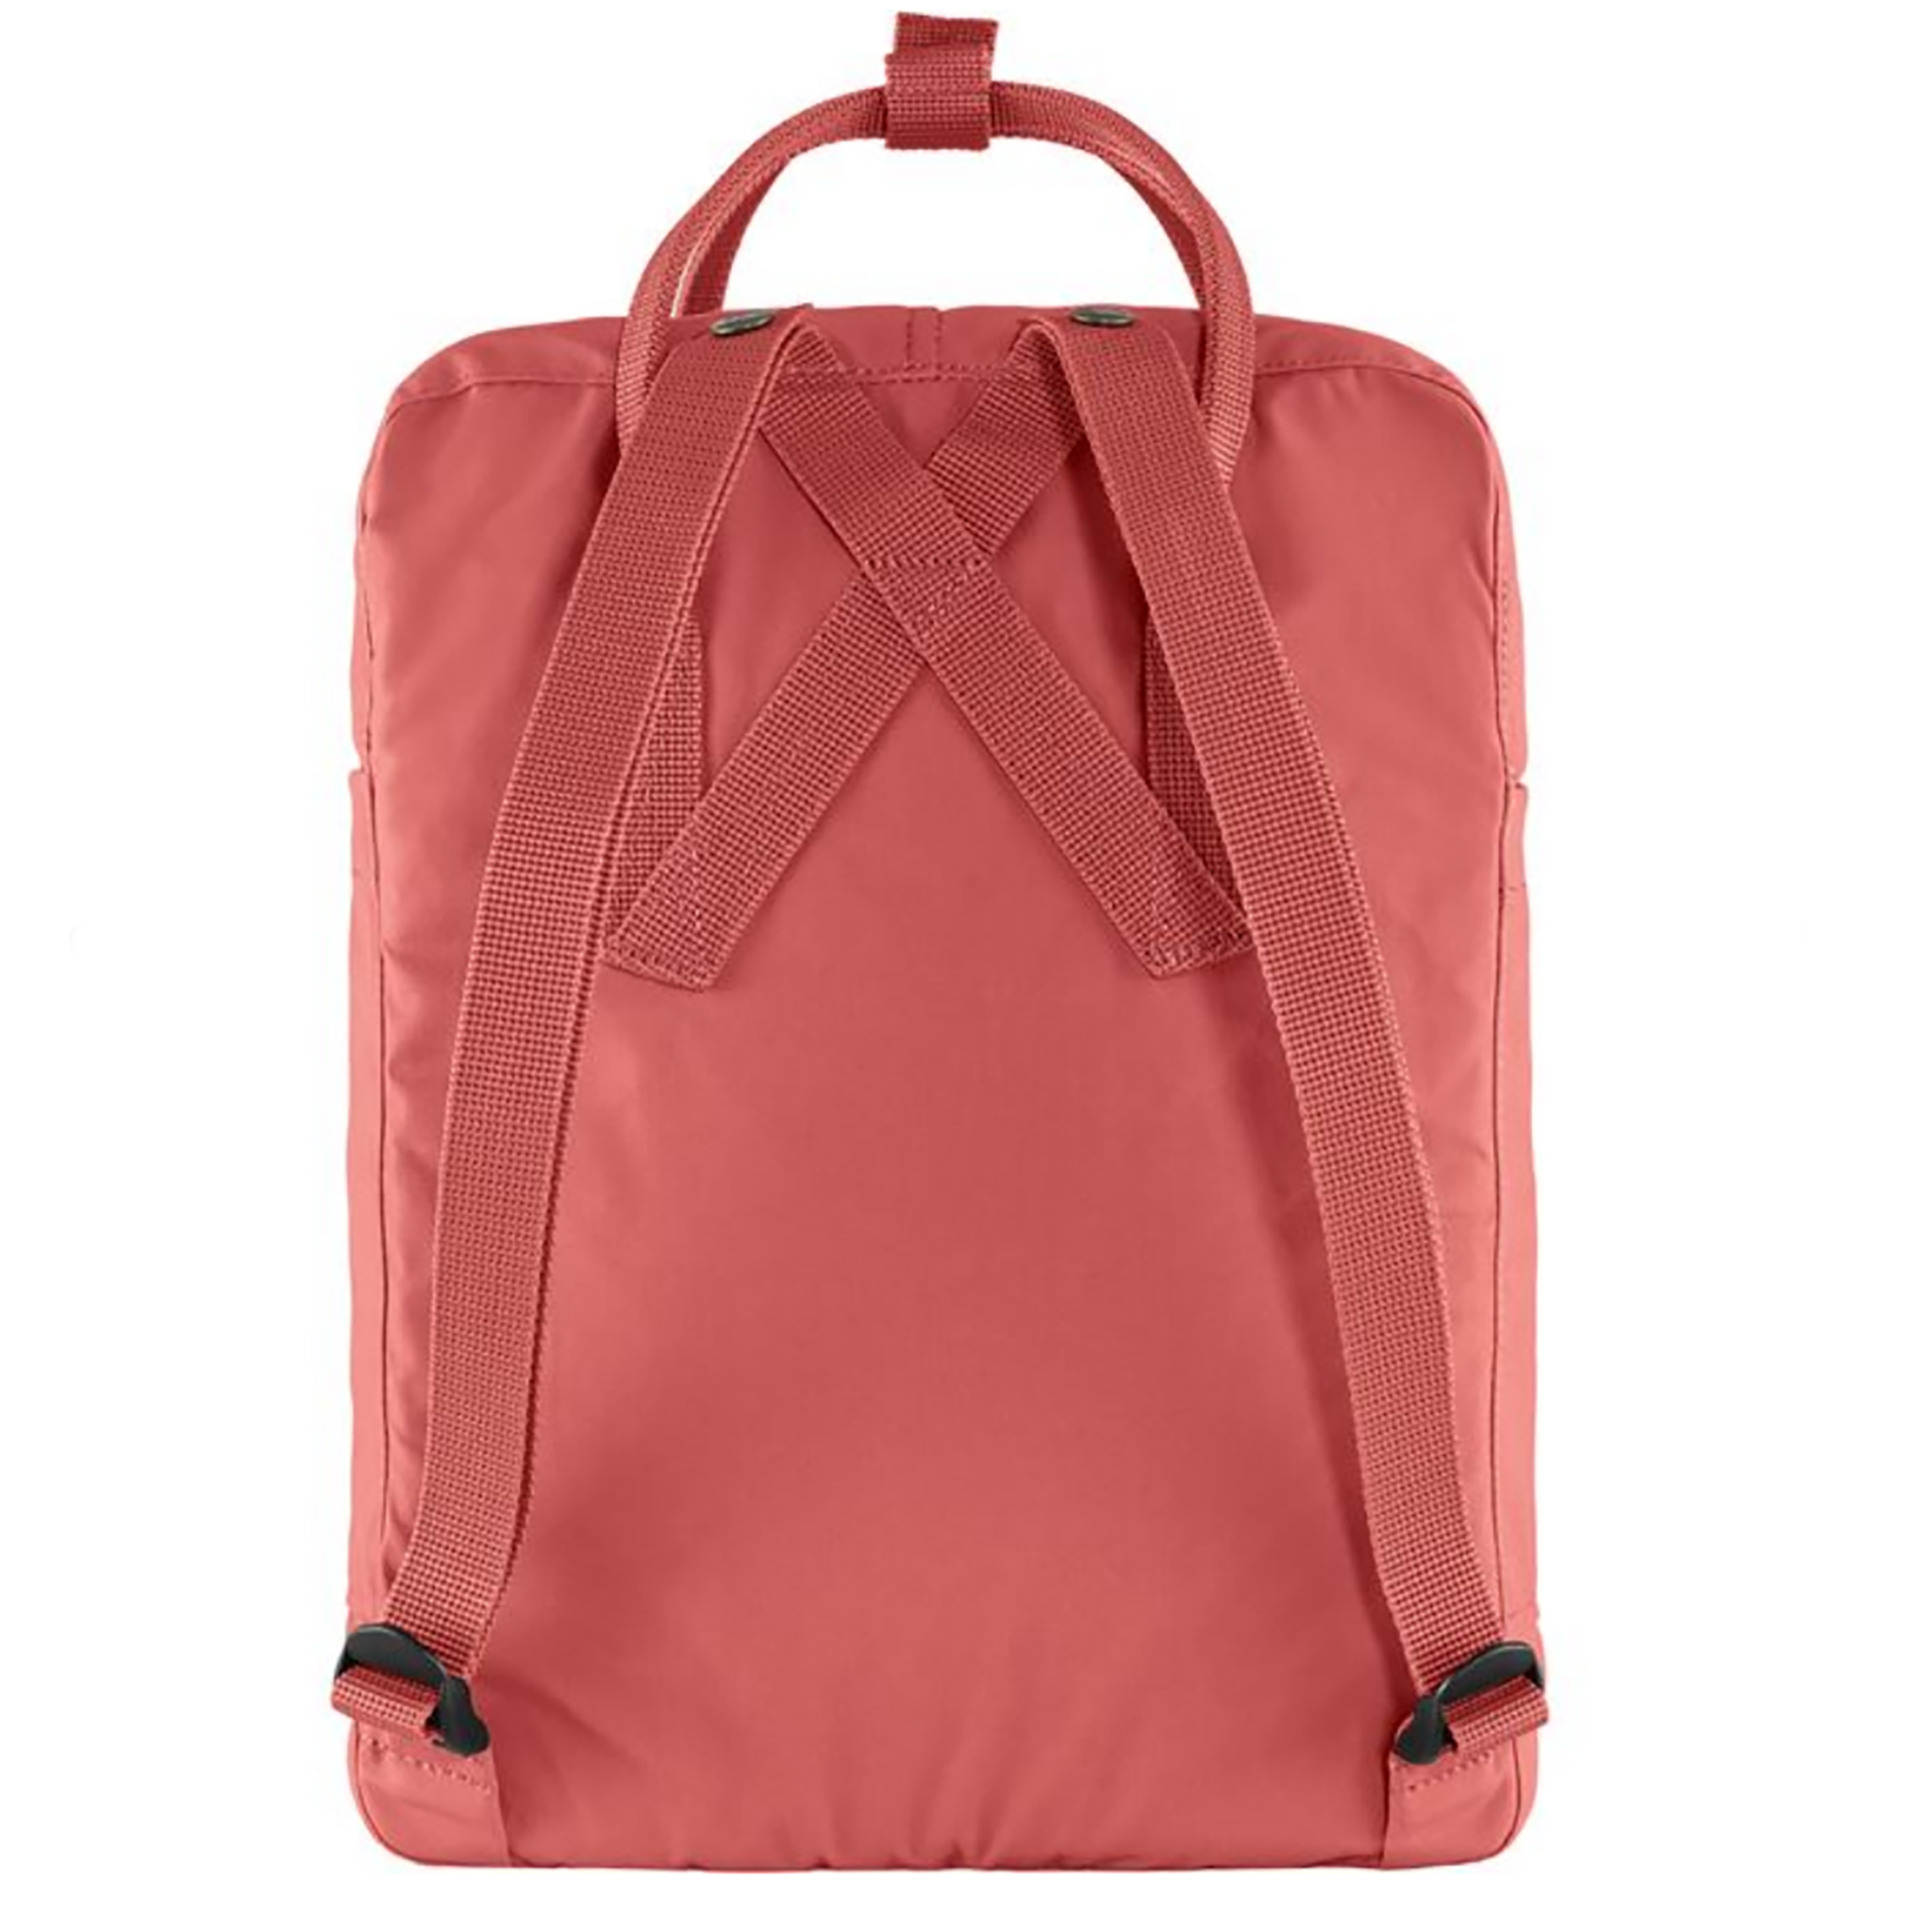 Kanken 319 - Peach Pink-2